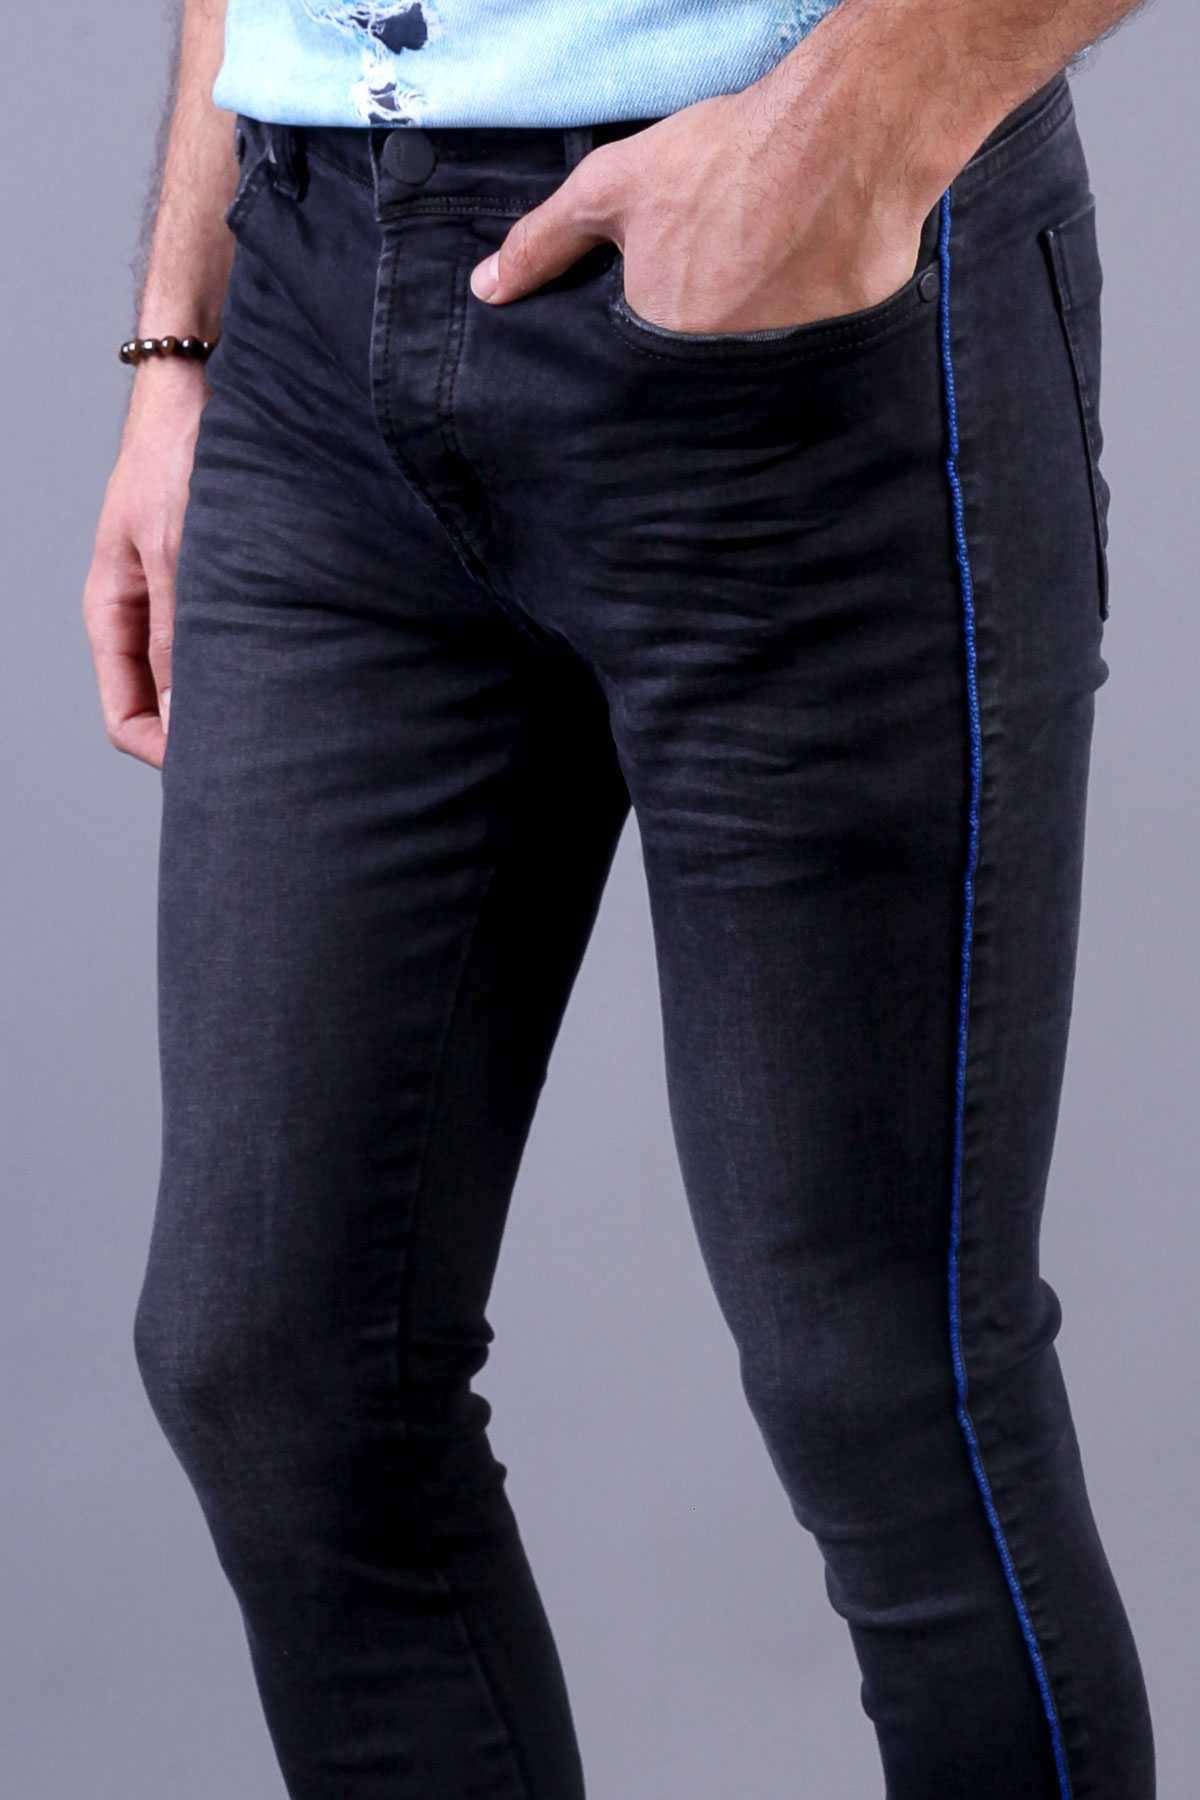 Yanı İnce Şeritli Hafif Taşlamalı Bilek Boy Slim Fit Kot Pantolon Antrasit